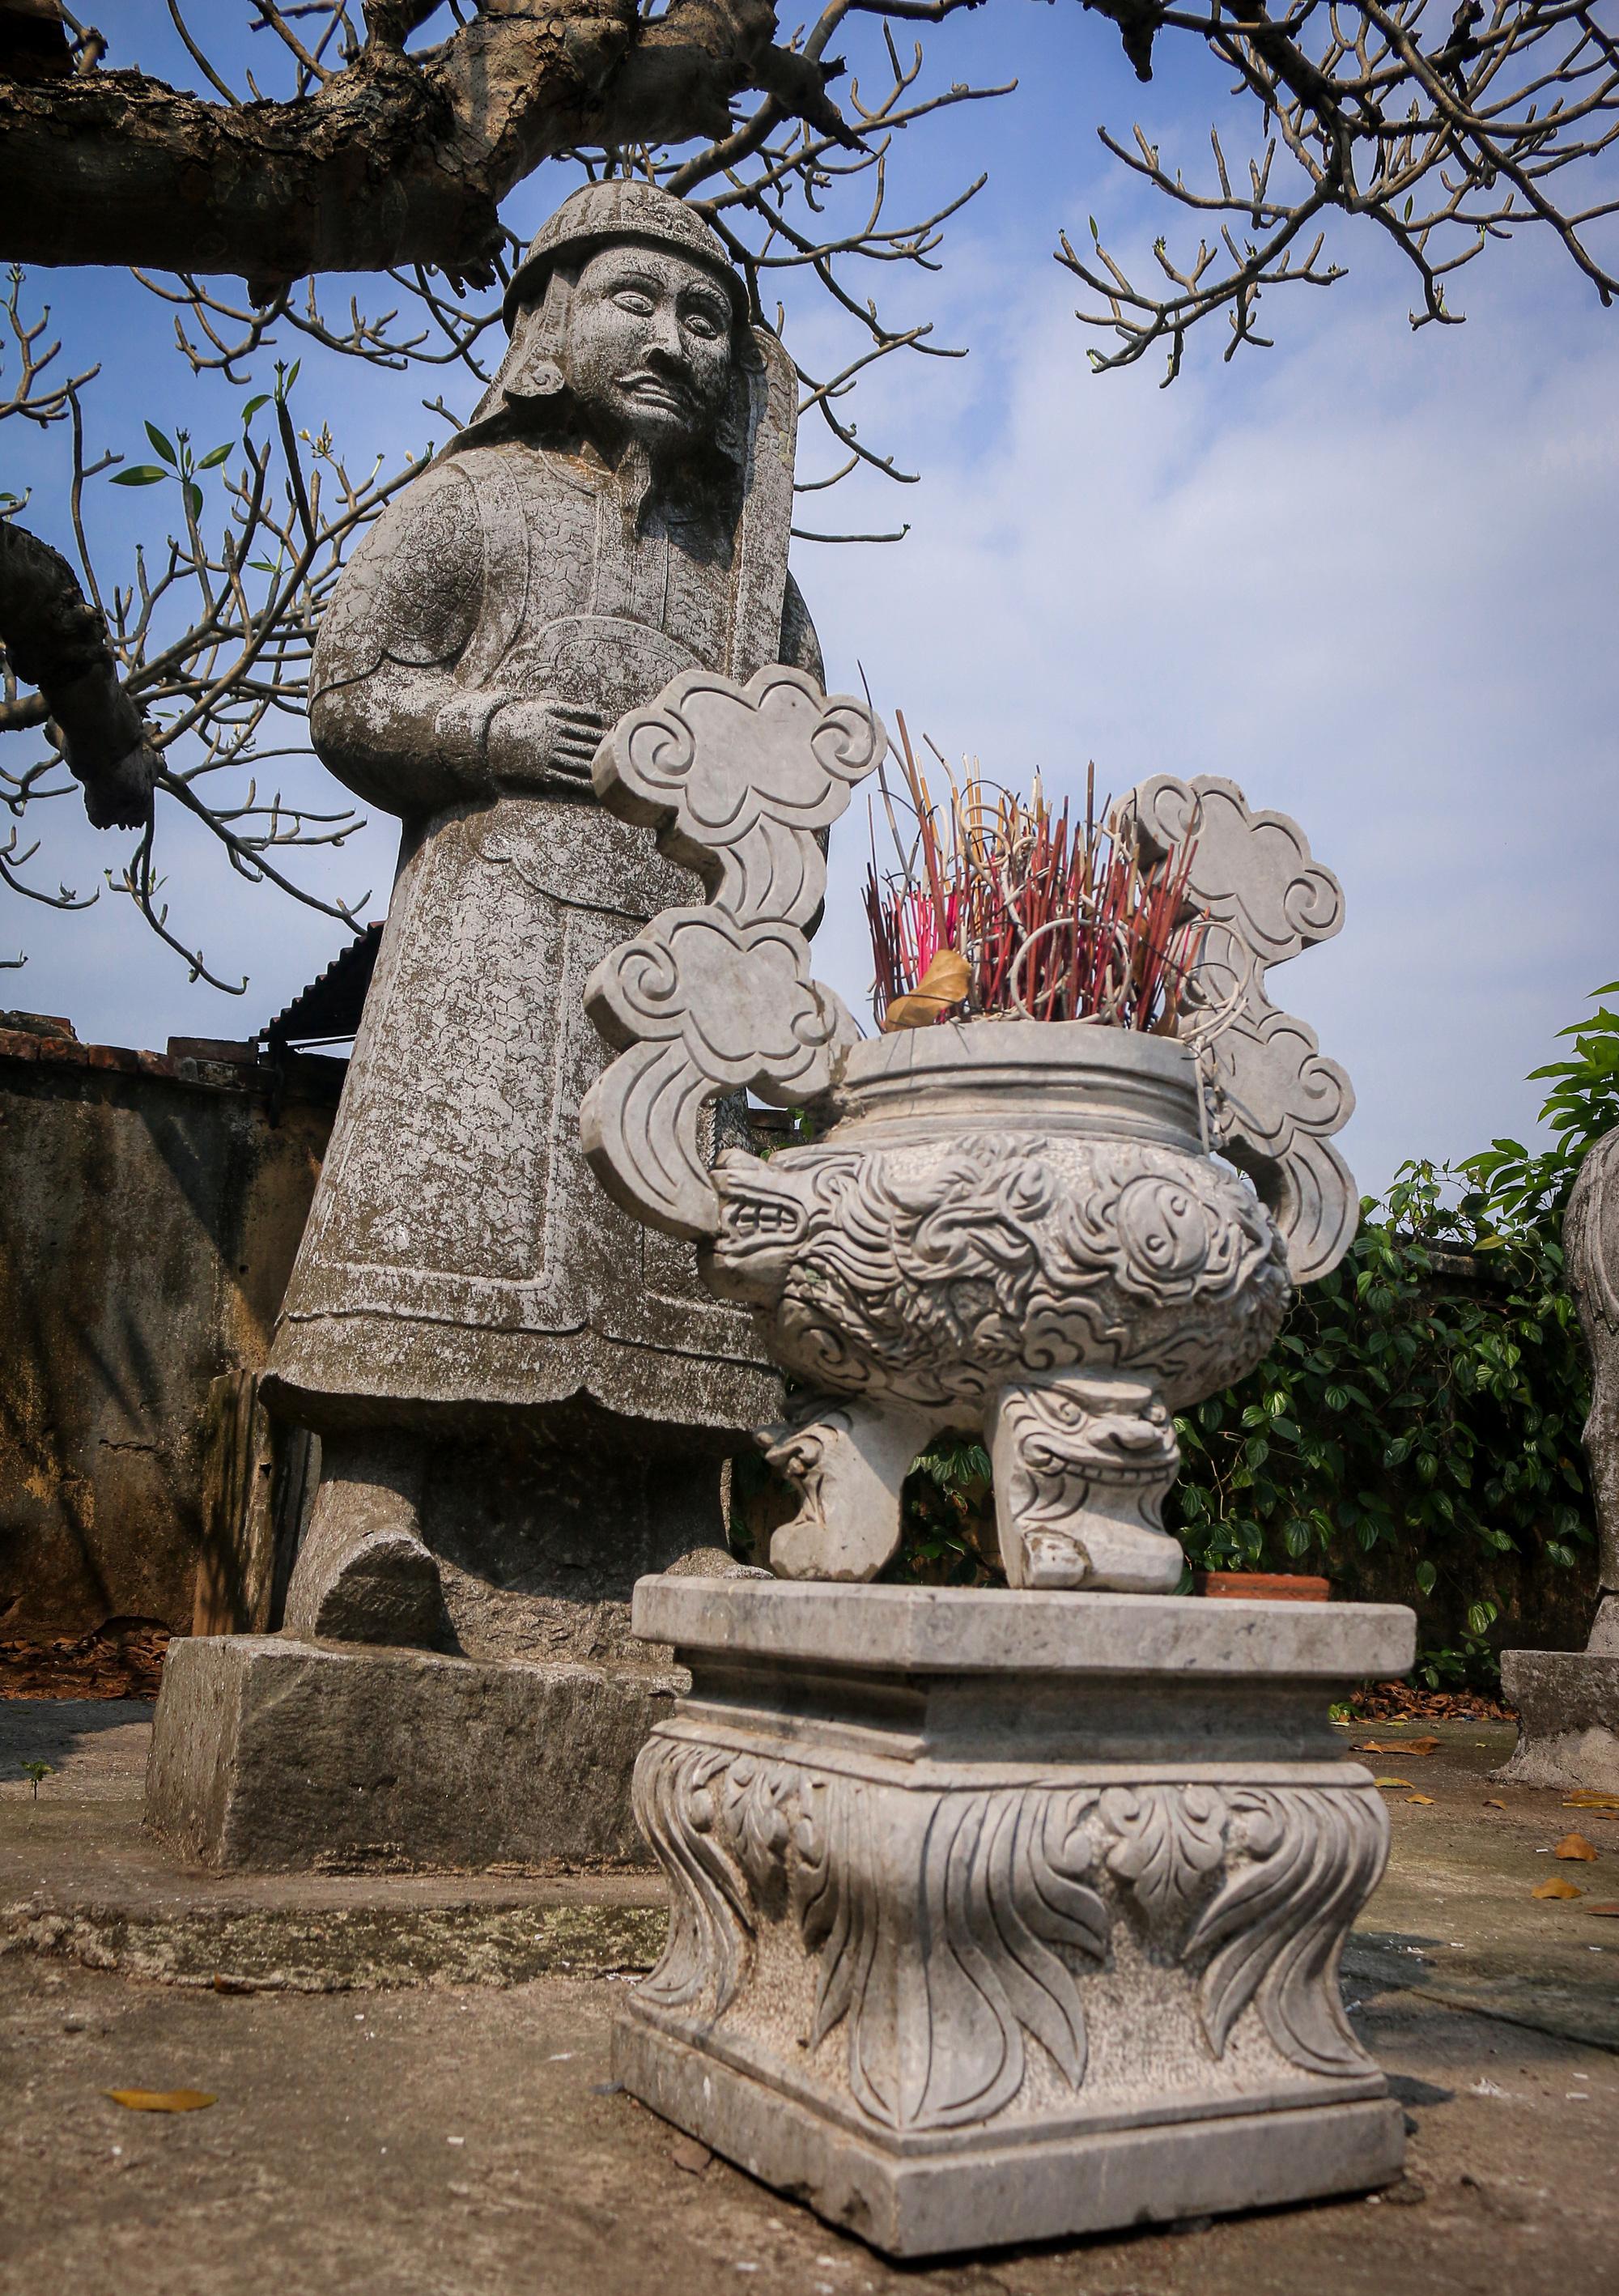 Đền đá Phú Đa: Nét kiến trúc độc đáo tồn tại hơn 300 năm lịch sử - Ảnh 18.